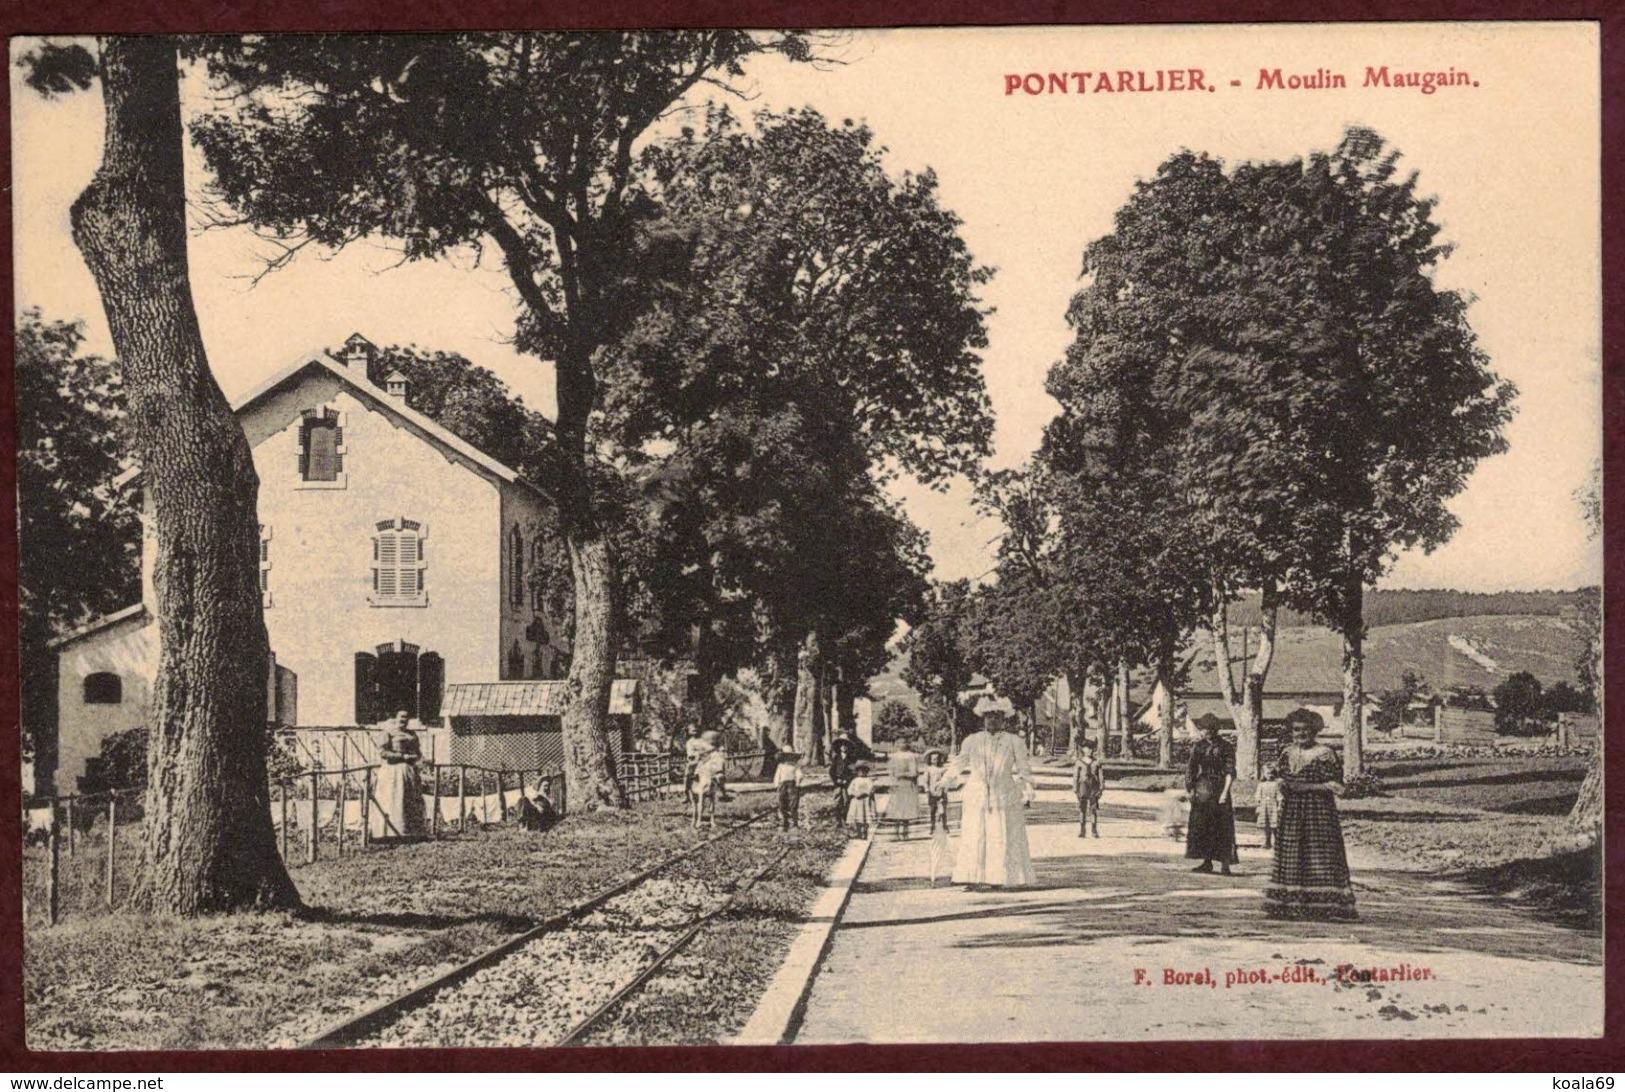 Pontarlier Moulin Maugain Animé - Voie Ferrée - DOUBS 25300 -   Moulin Maugain - Pontarlier